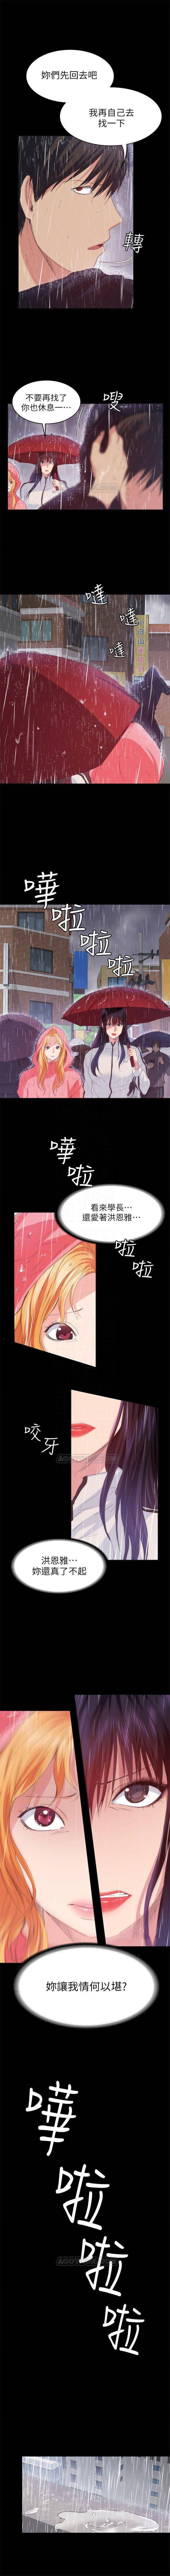 (周2)退货女友 1-23 中文翻译(更新中) 168